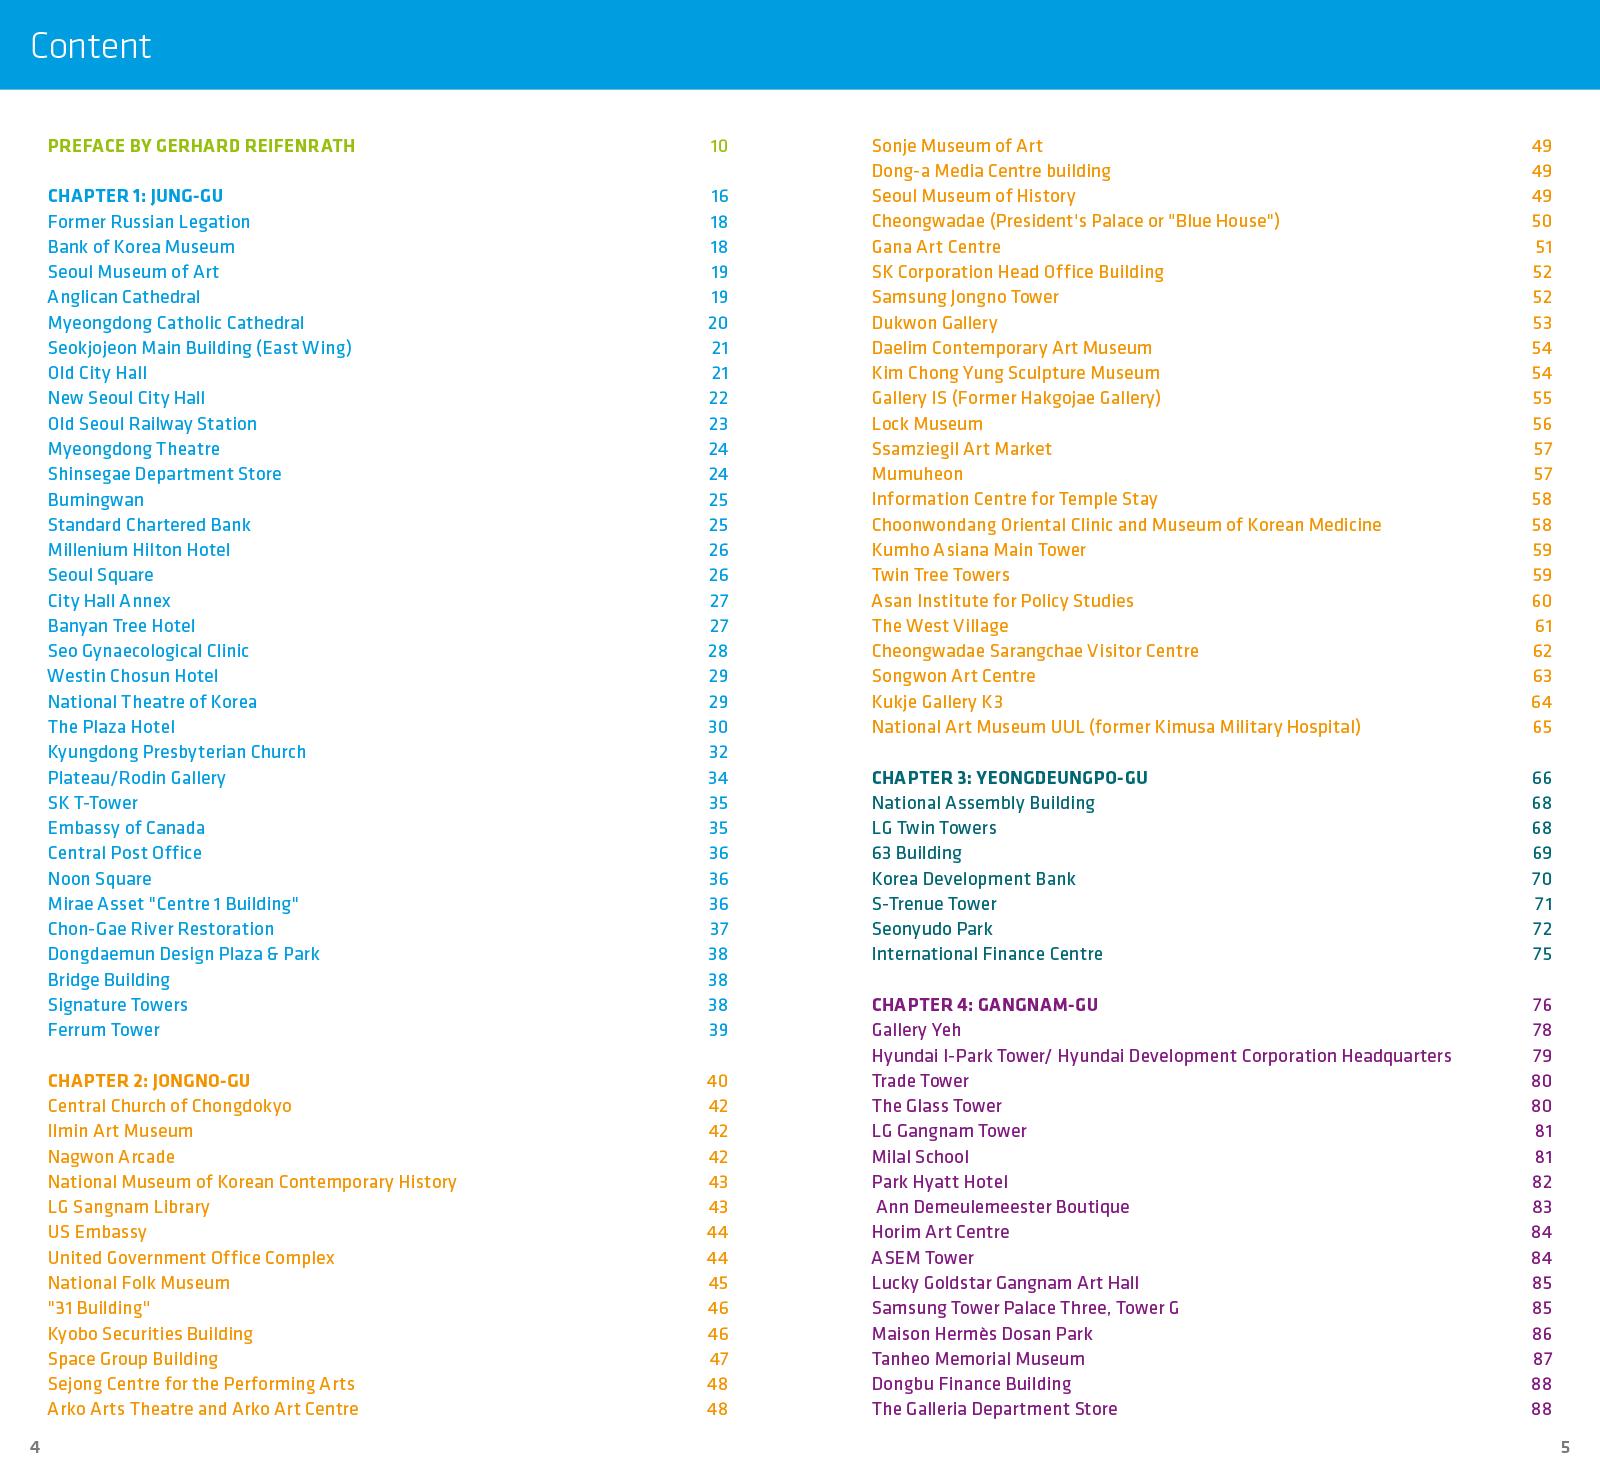 Eine Doppelseite des Inhaltsverzeichnisses